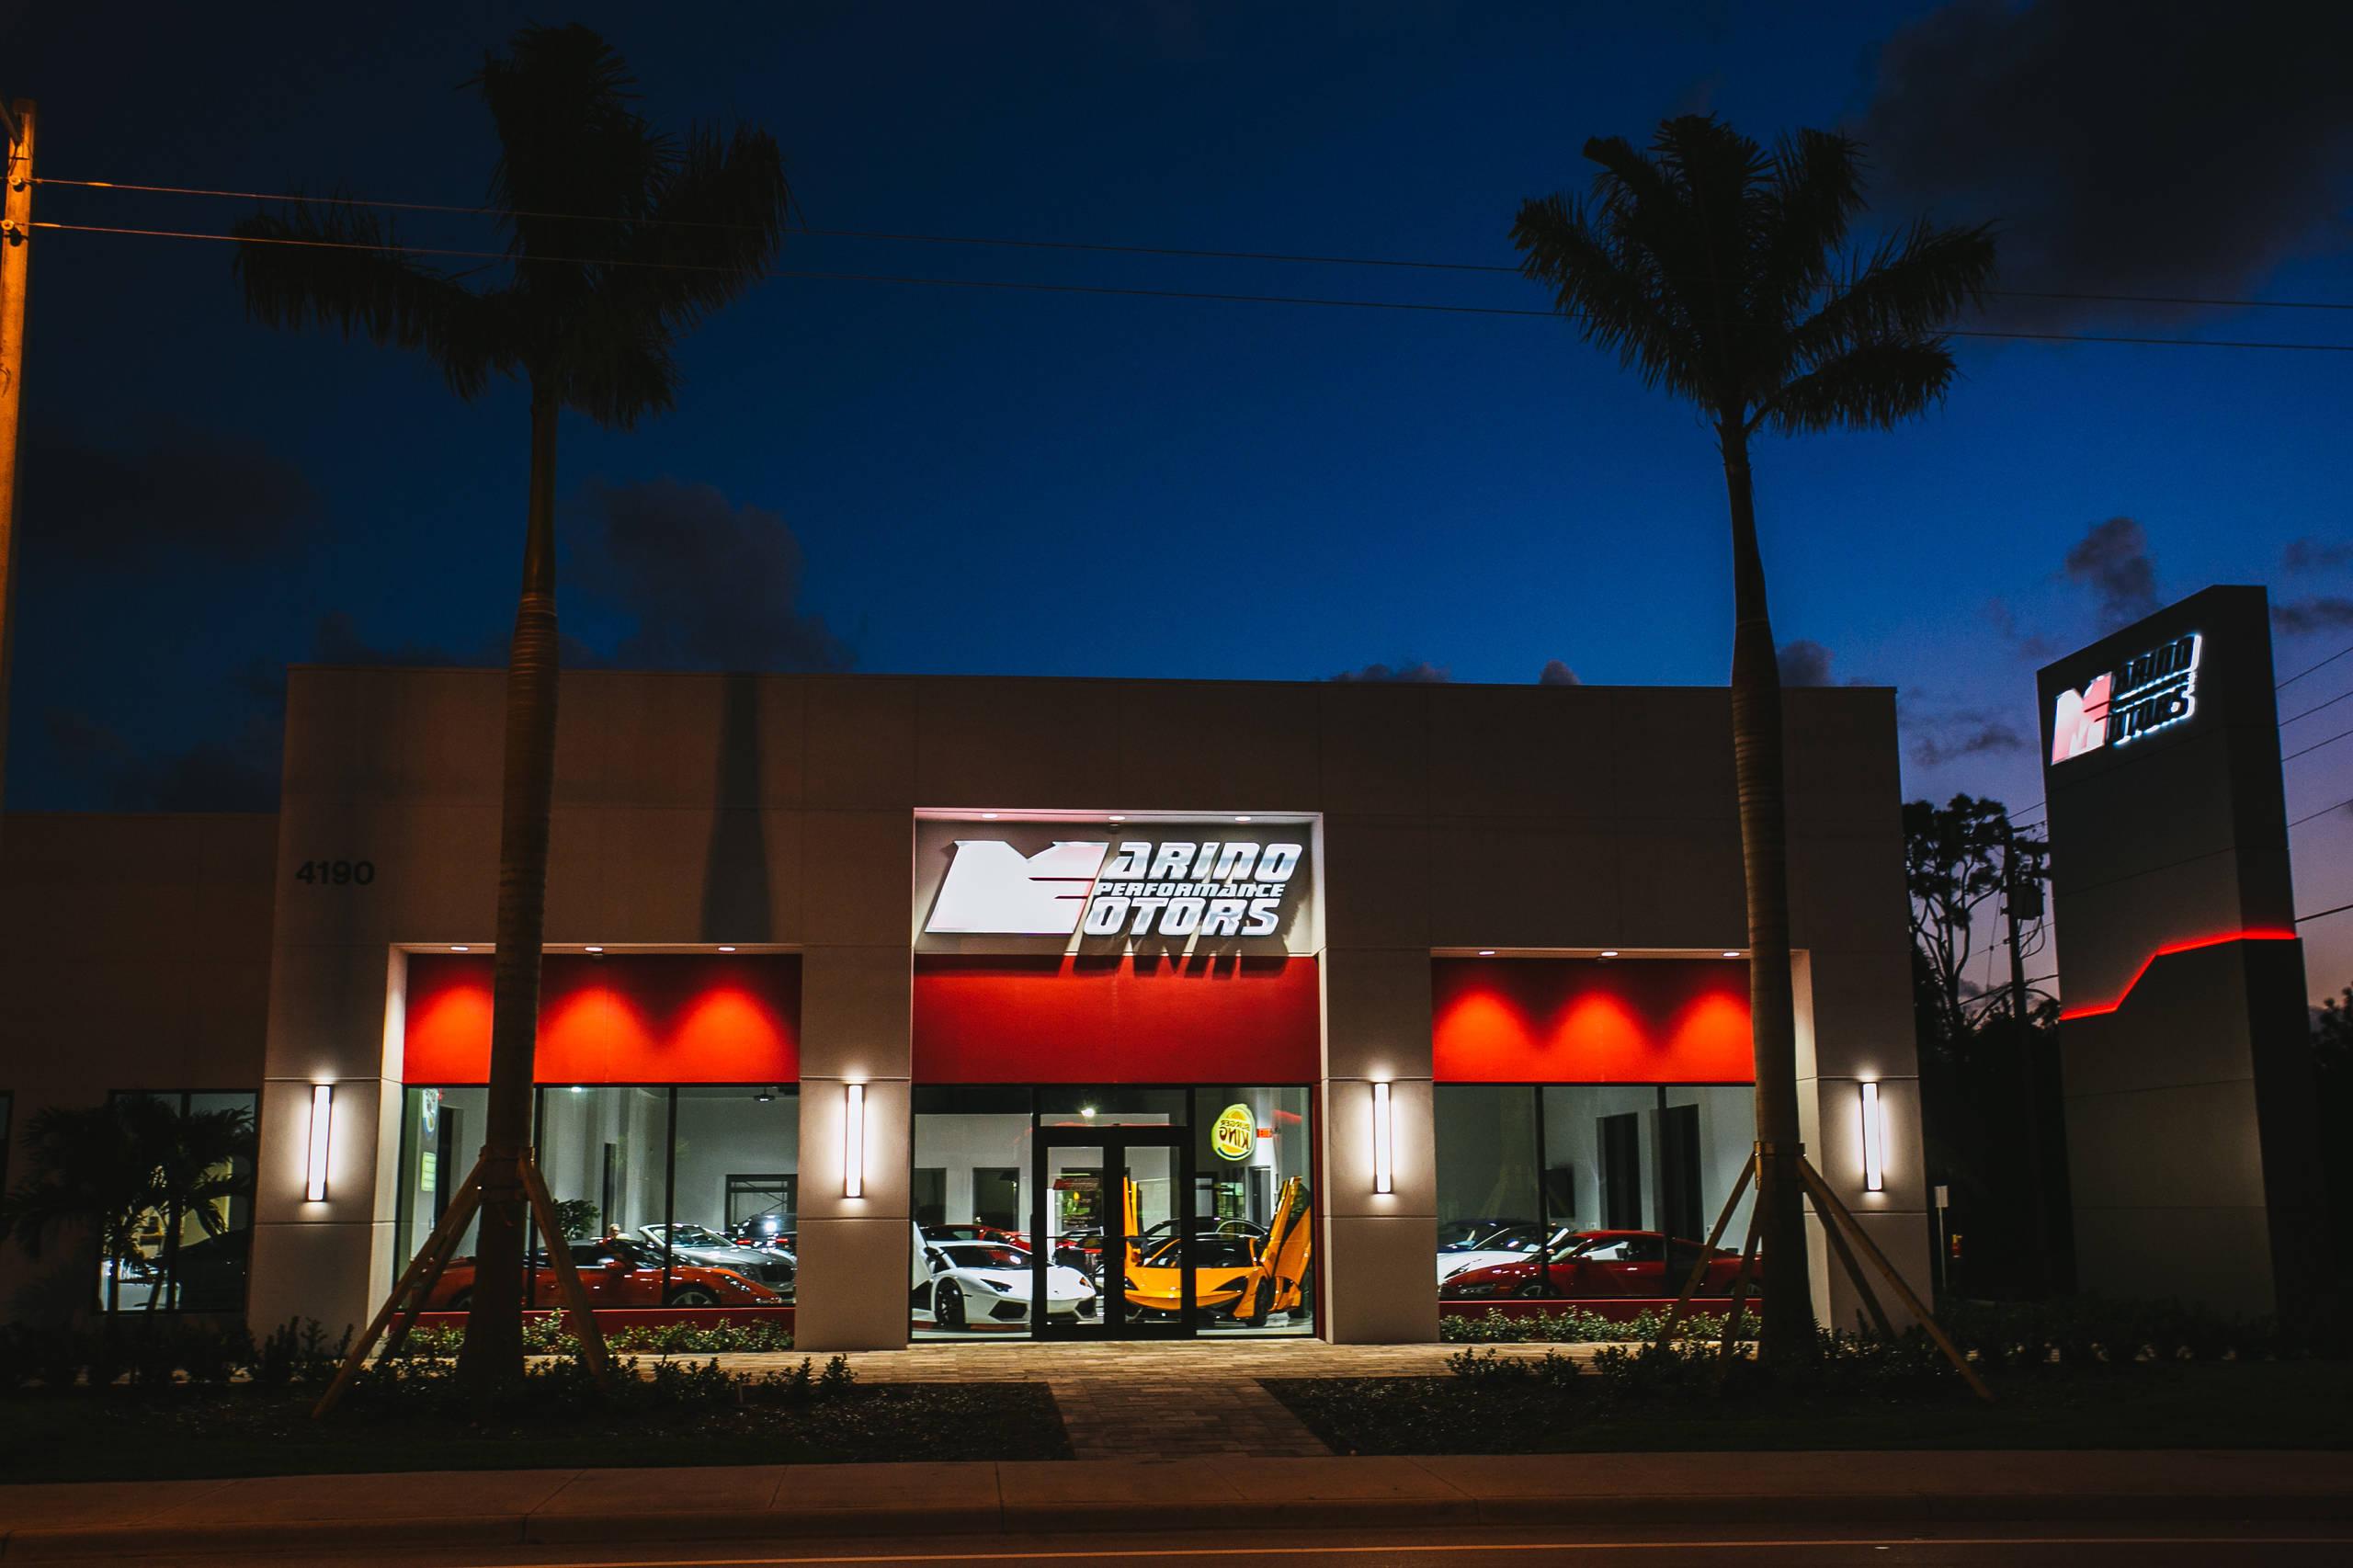 Marino Performance Motors